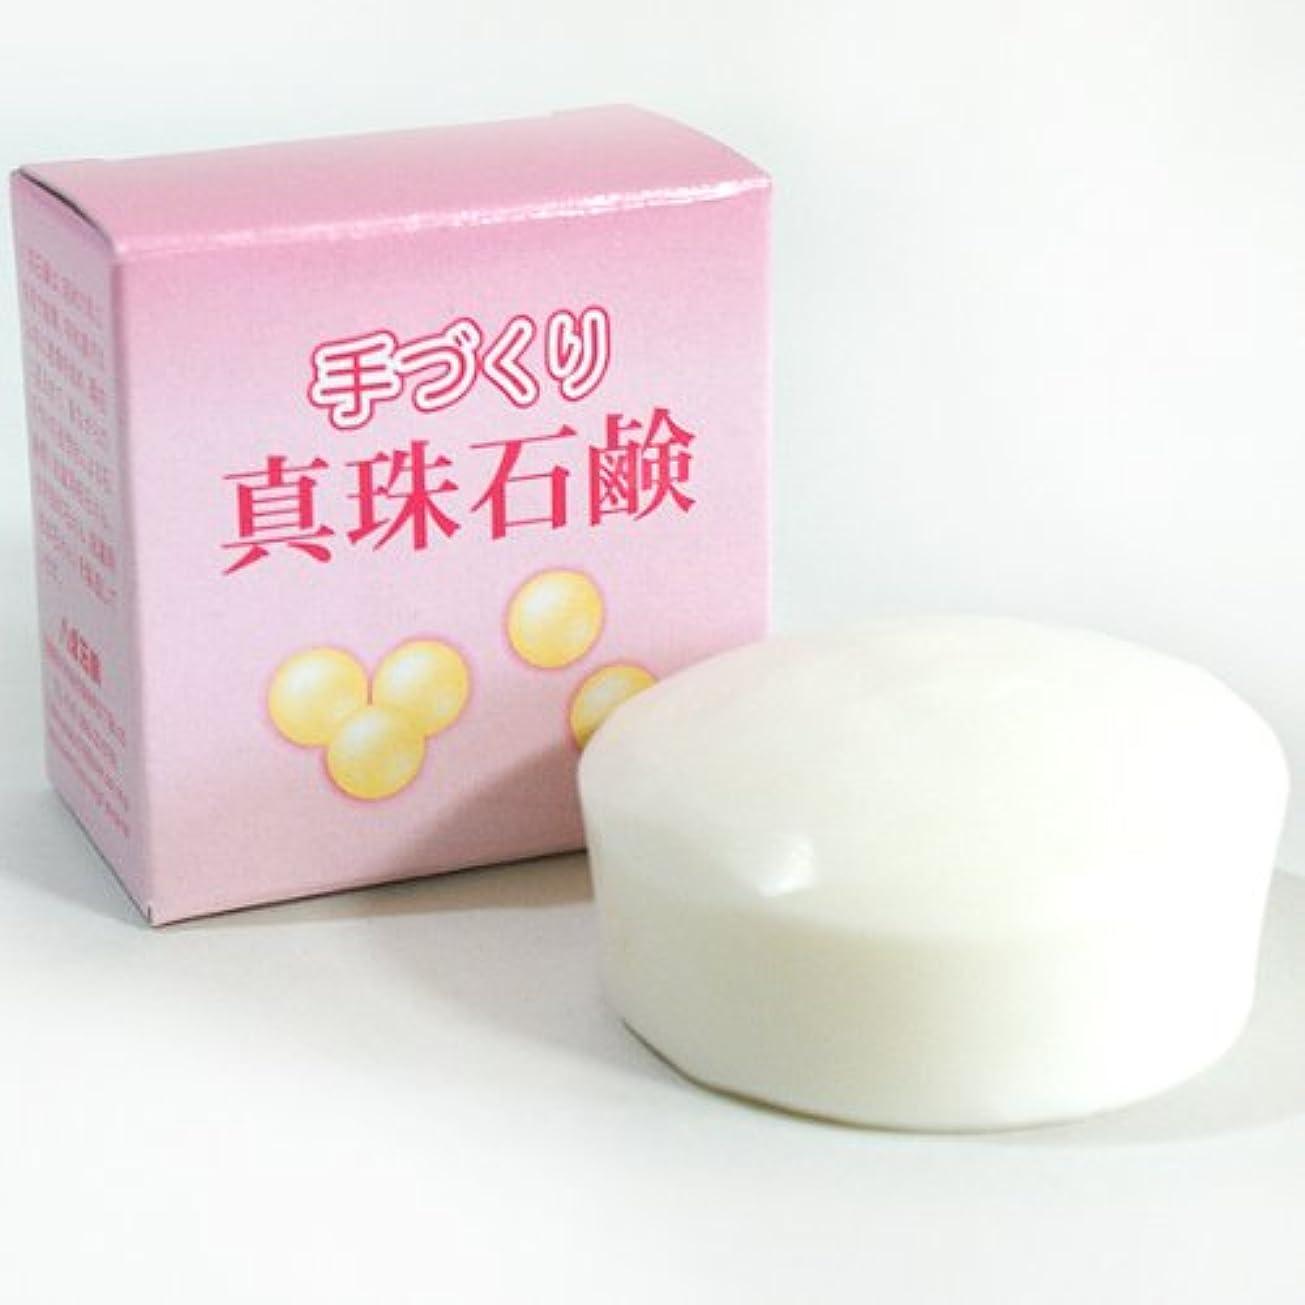 ラッチアトラスベルベット八坂石鹸 手作り石けん 真珠60g(箱入り)